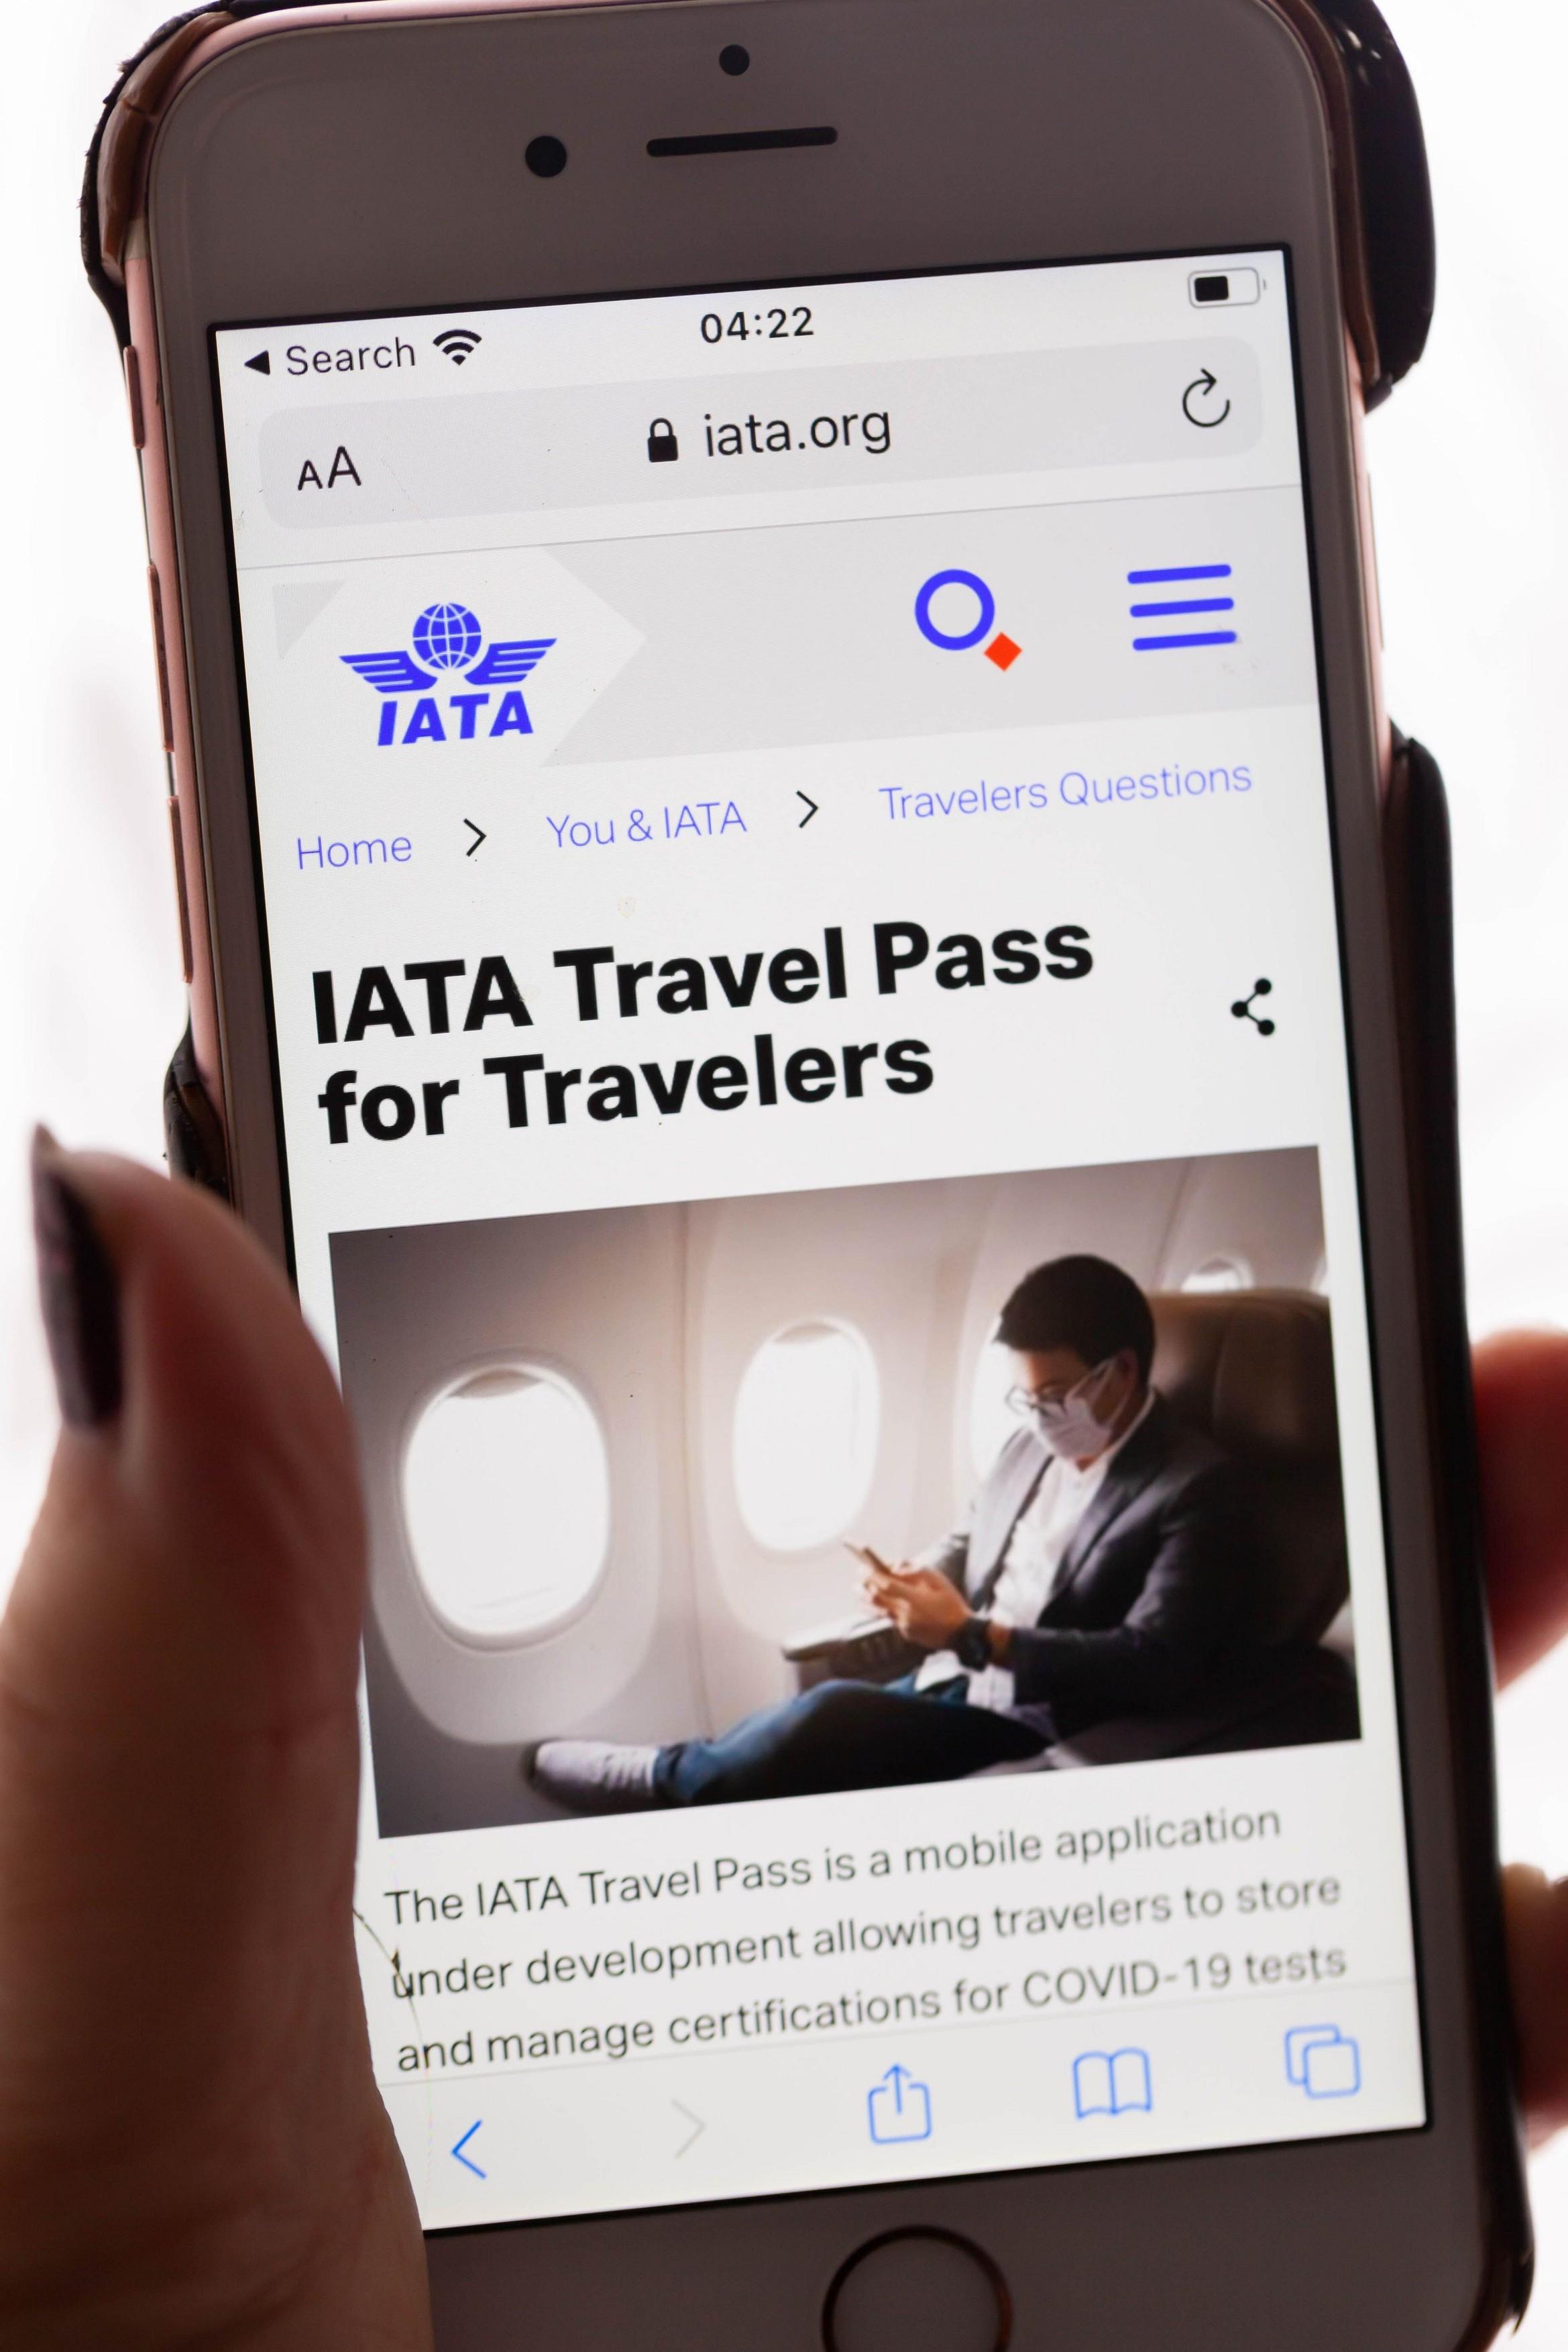 Singapore este una dintre primele ţări care au adoptat paşaportul de călătorie digital. De când va putea fi folosit